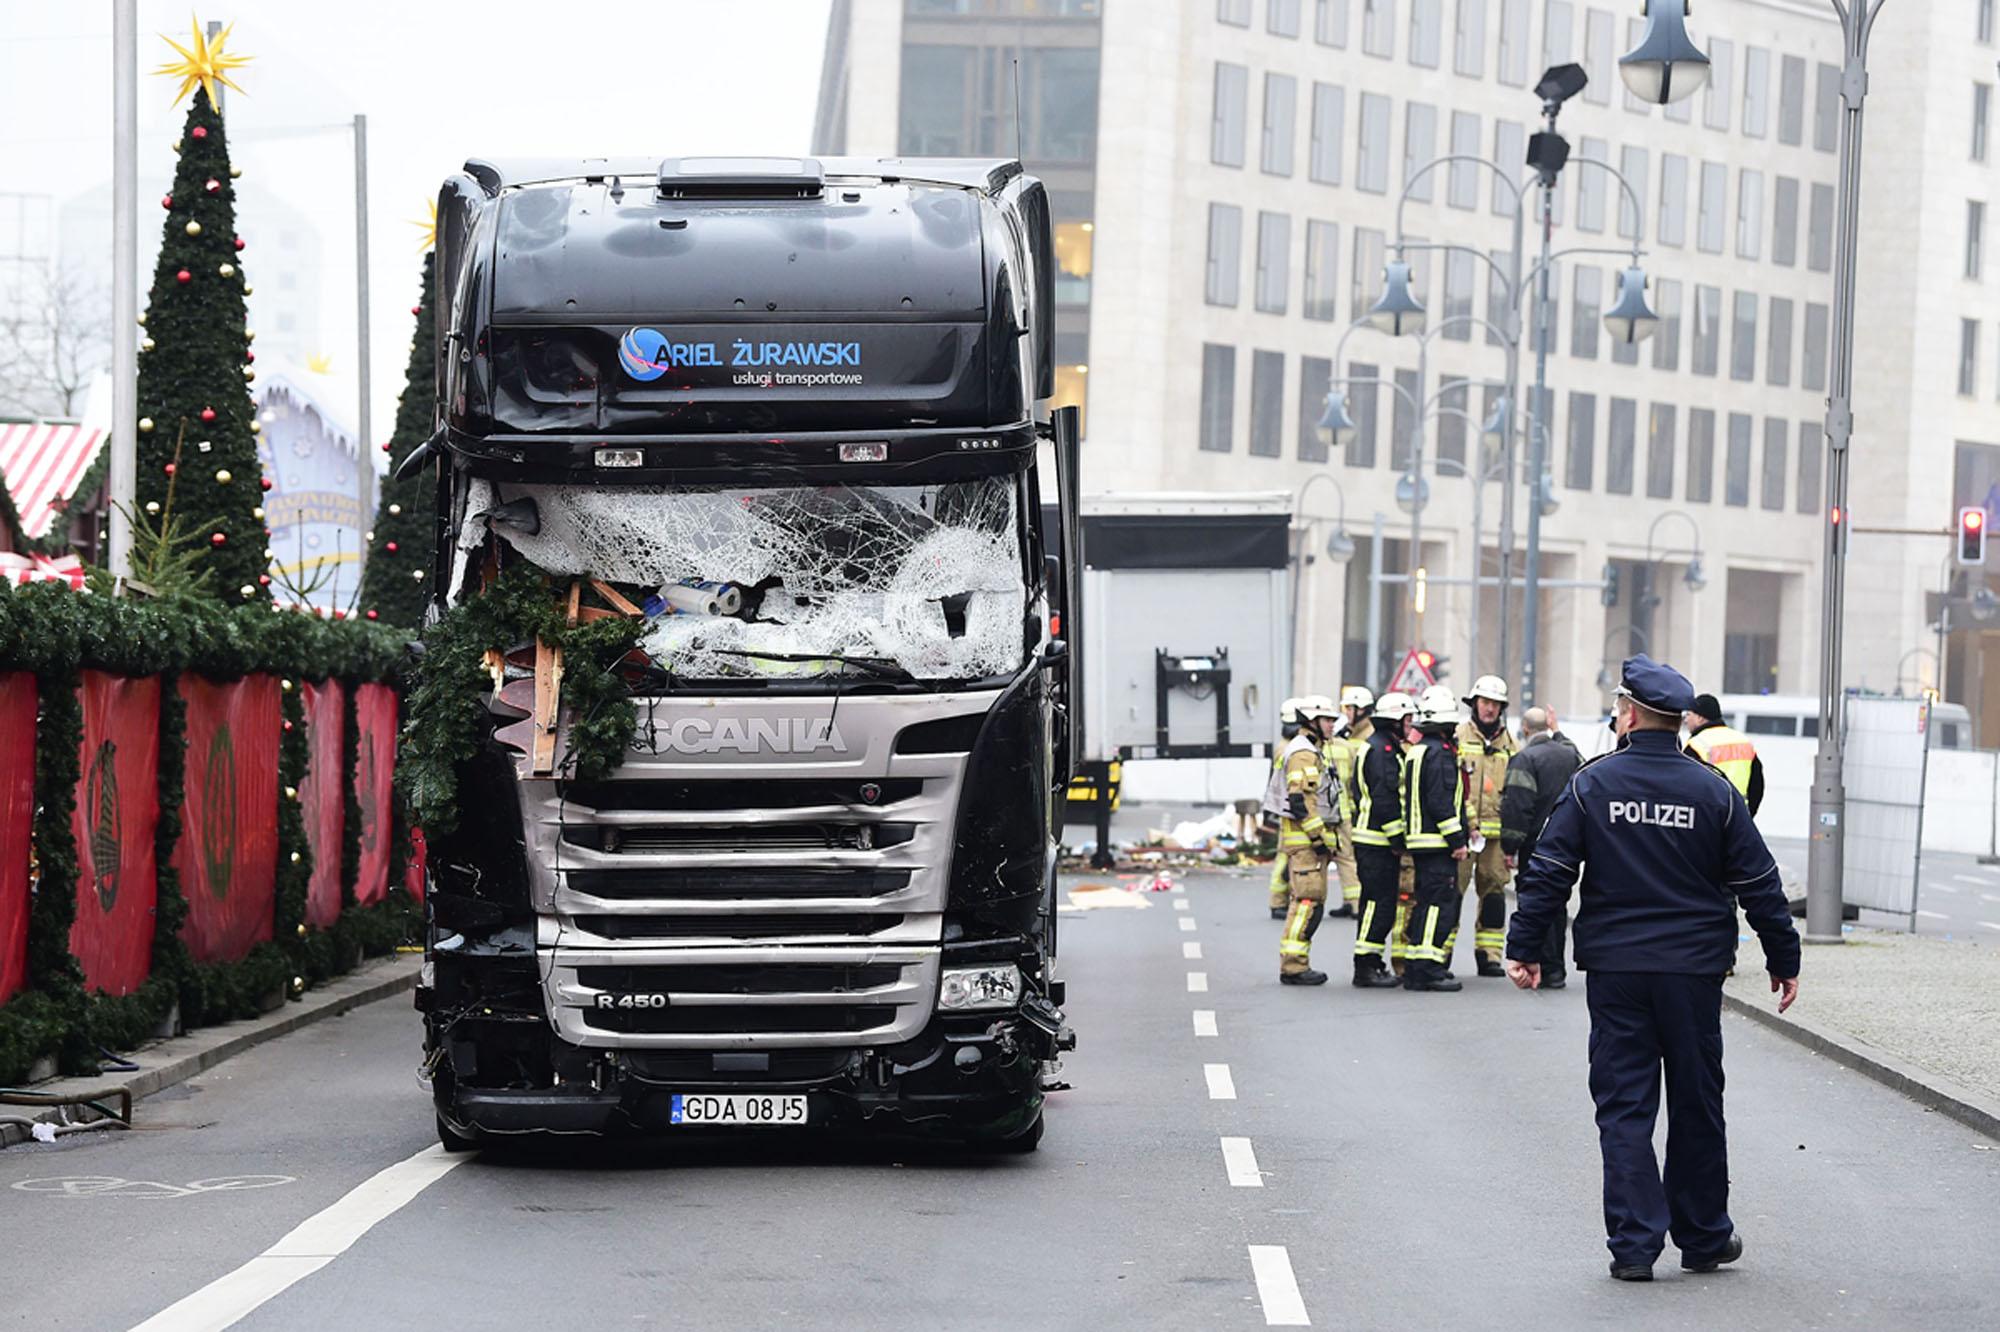 Berlin …terror attack?